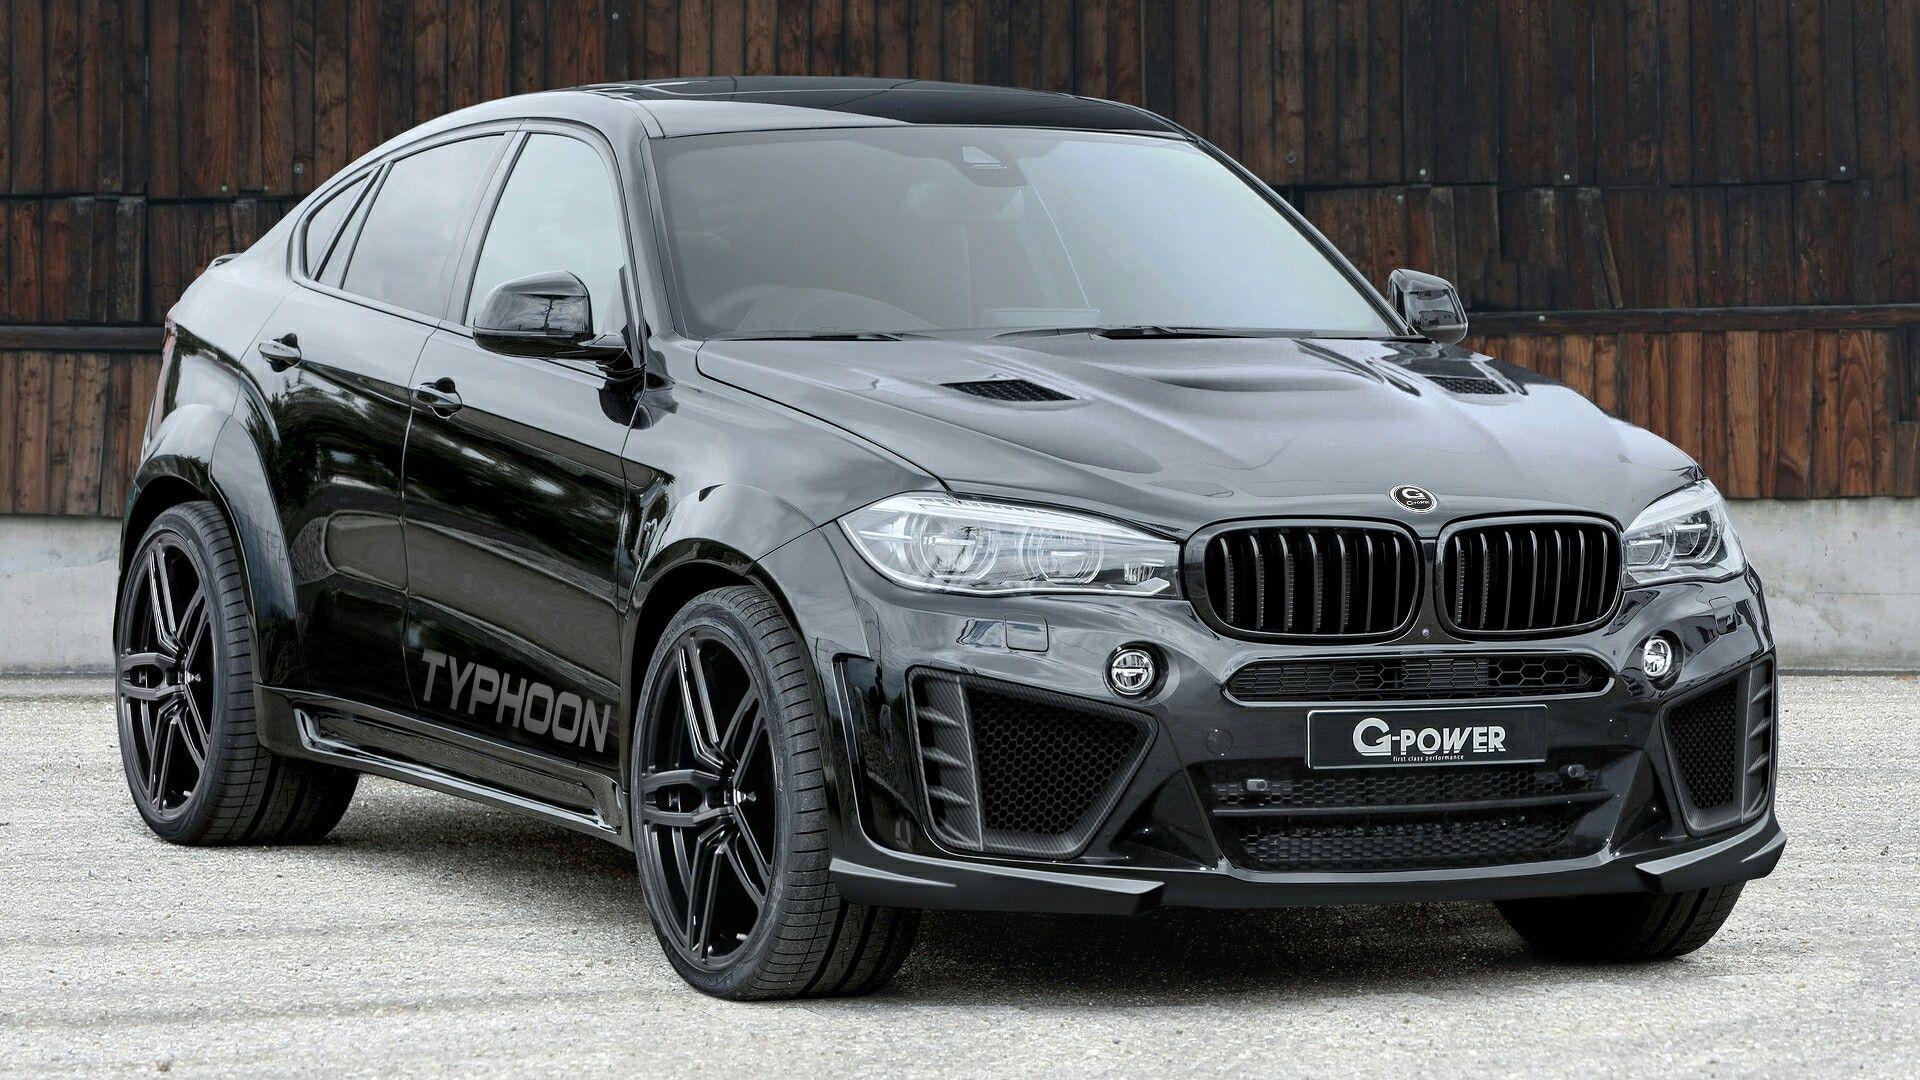 BMW x6 G-Power